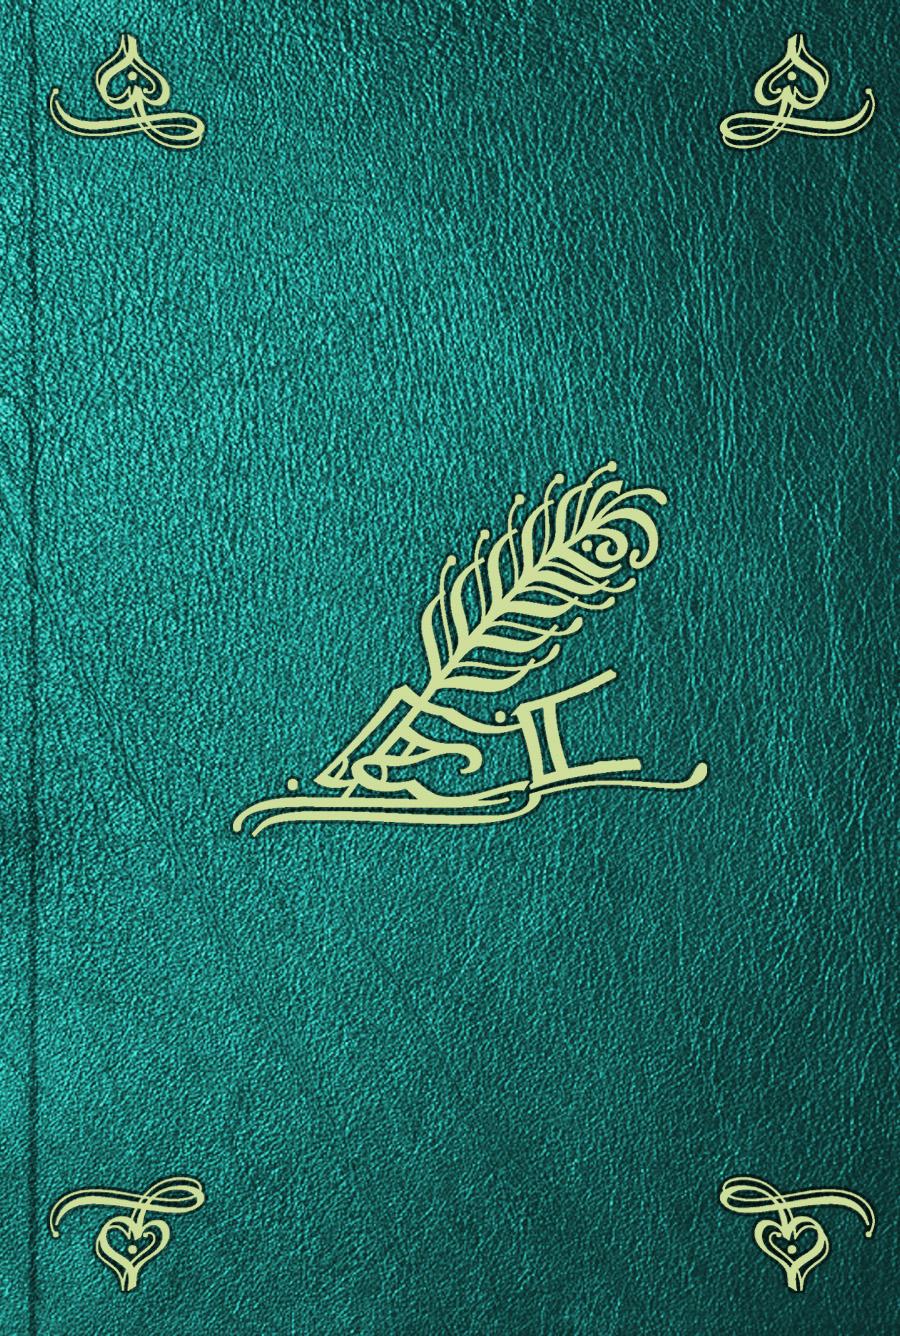 Anne-Henri Dampmartin Memoires sur divers evenemens de la revolution et de l'emigration. T. 2 henri delacroix la religion et la foi french edition